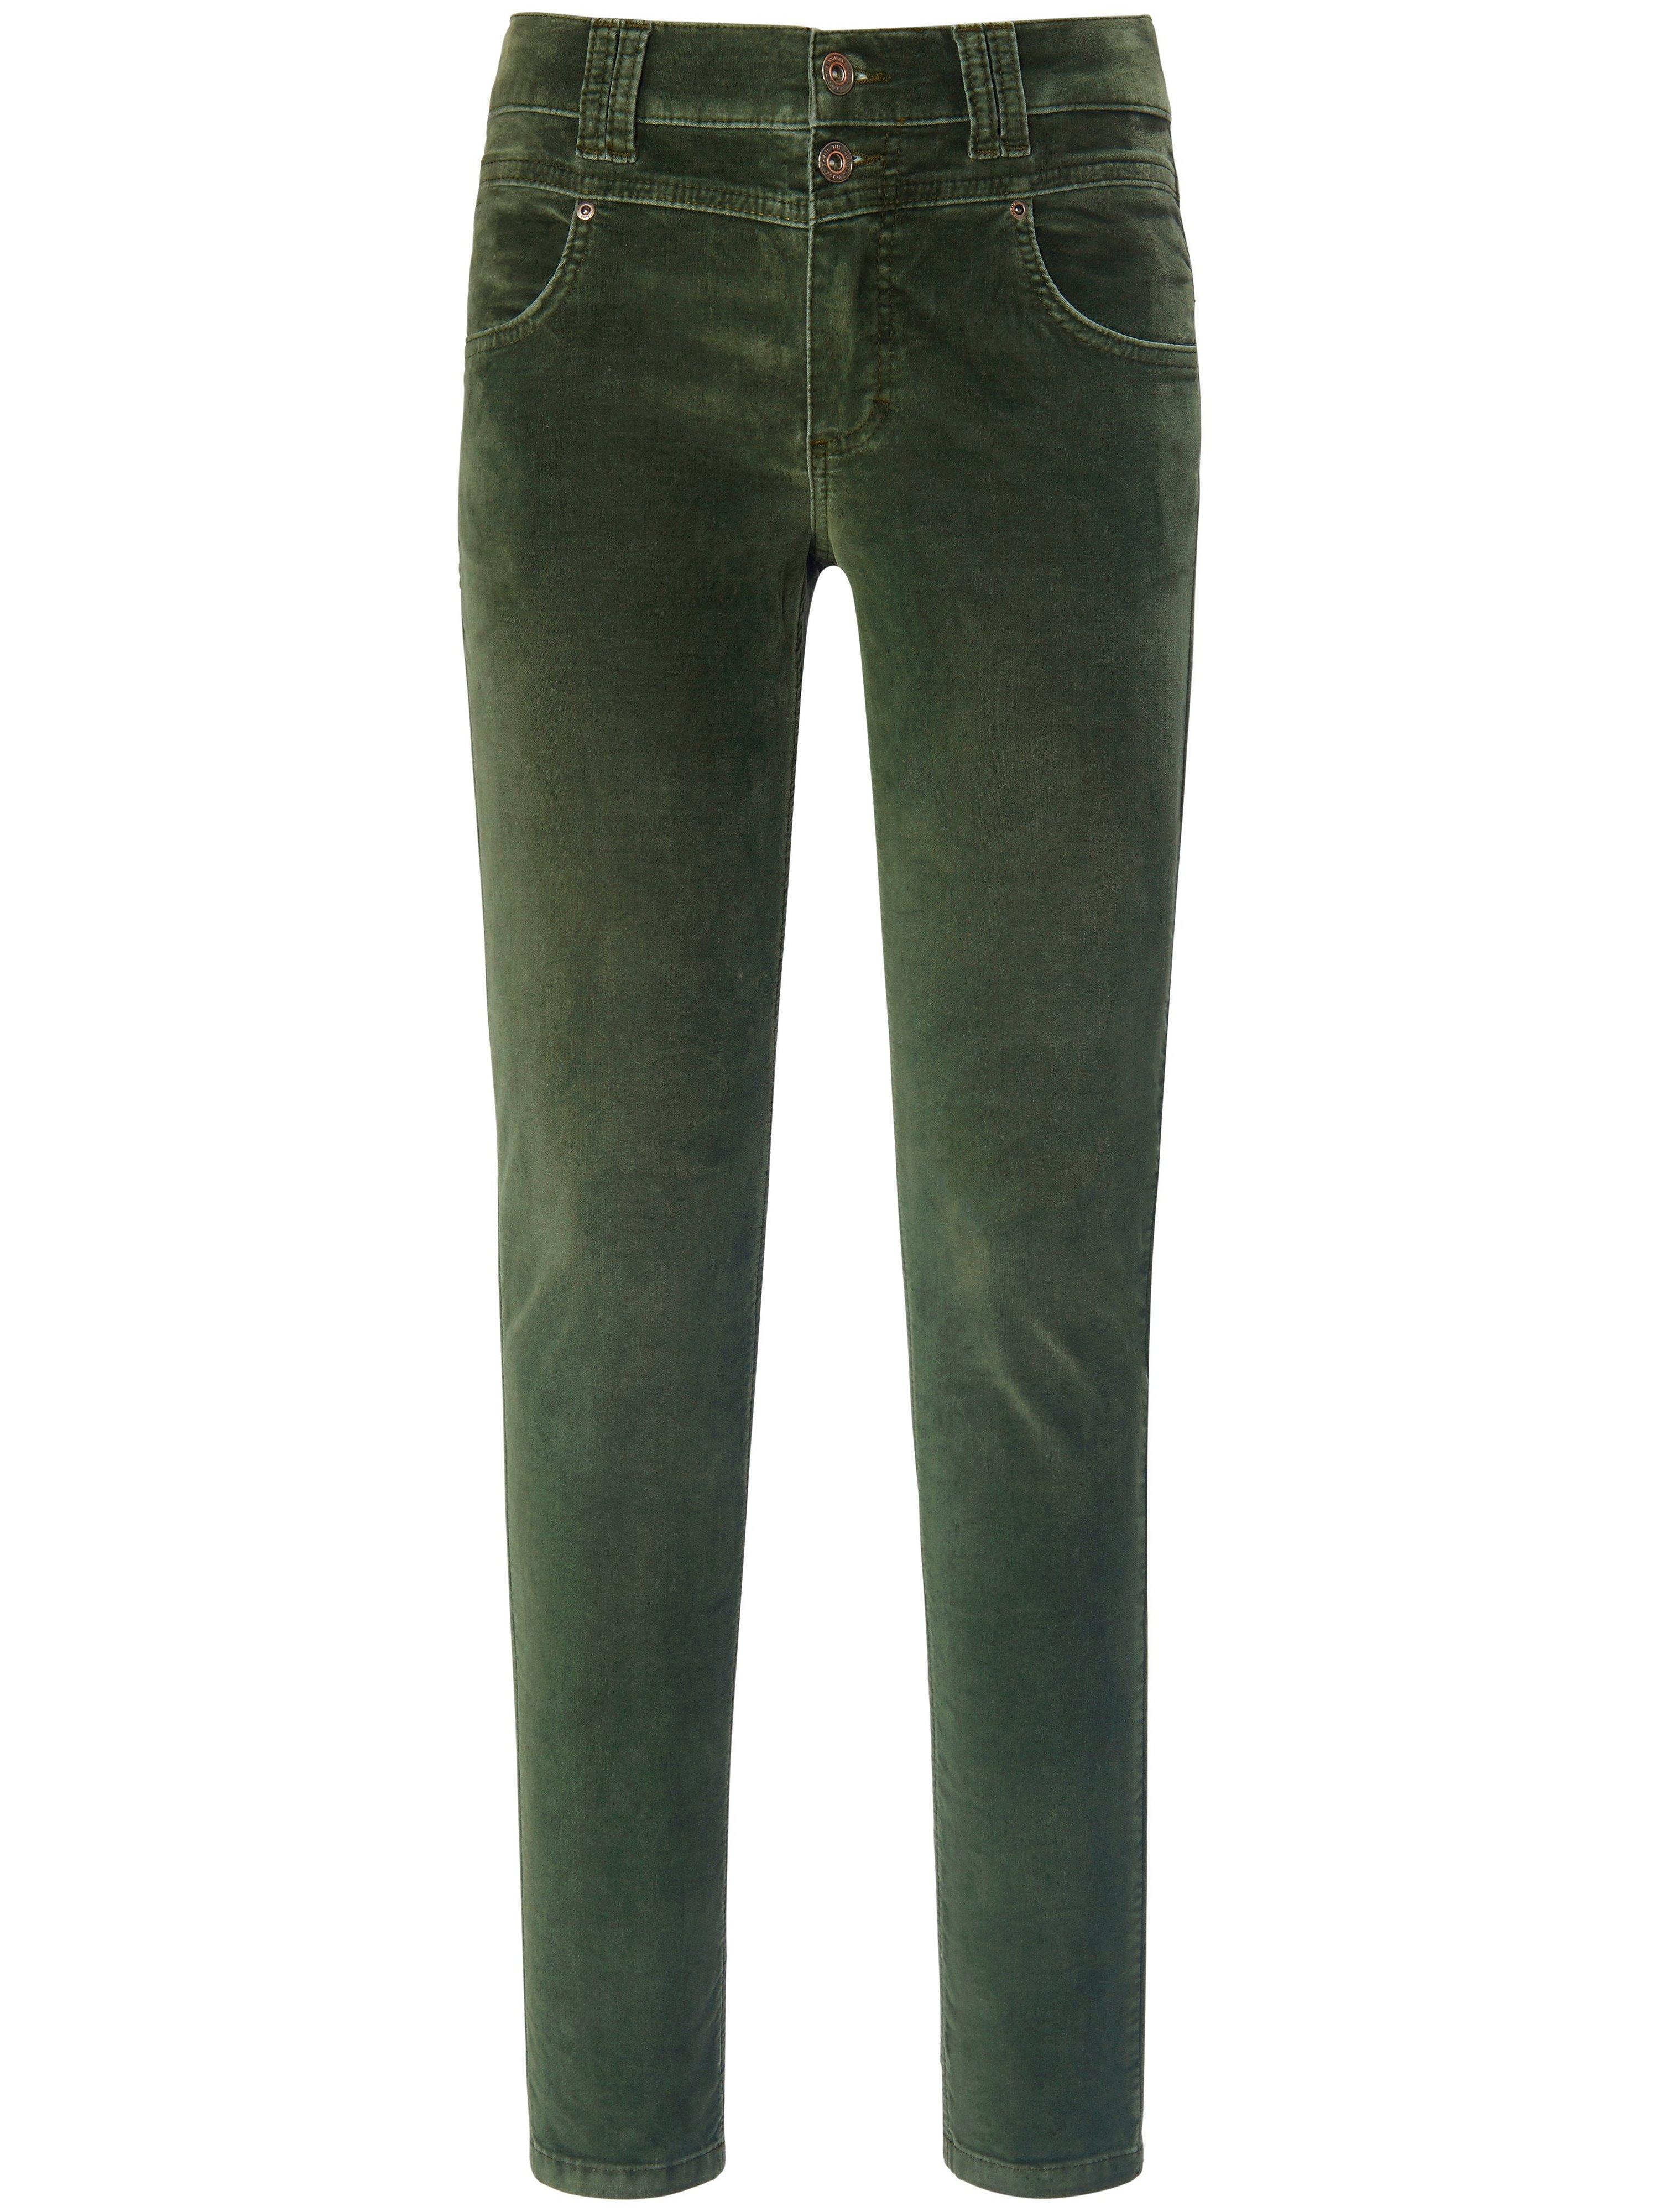 Fluwelen broek in skinny-model Van ANGELS groen